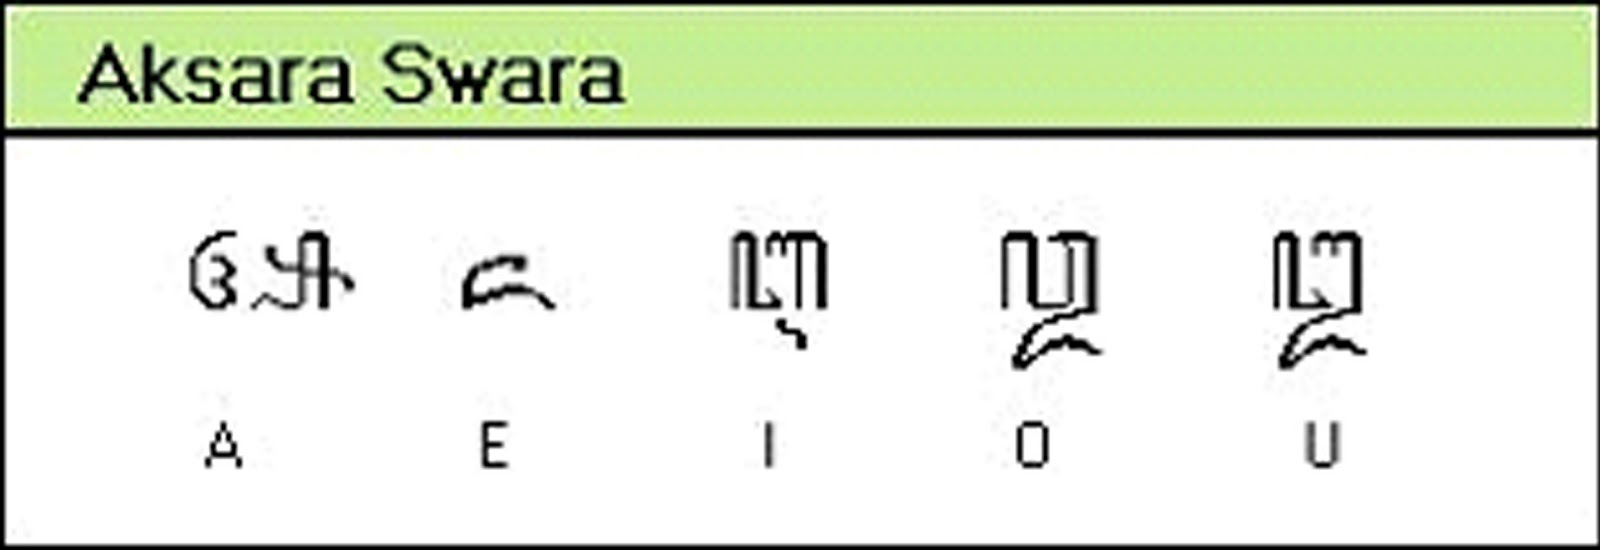 Task Aksara Jawa